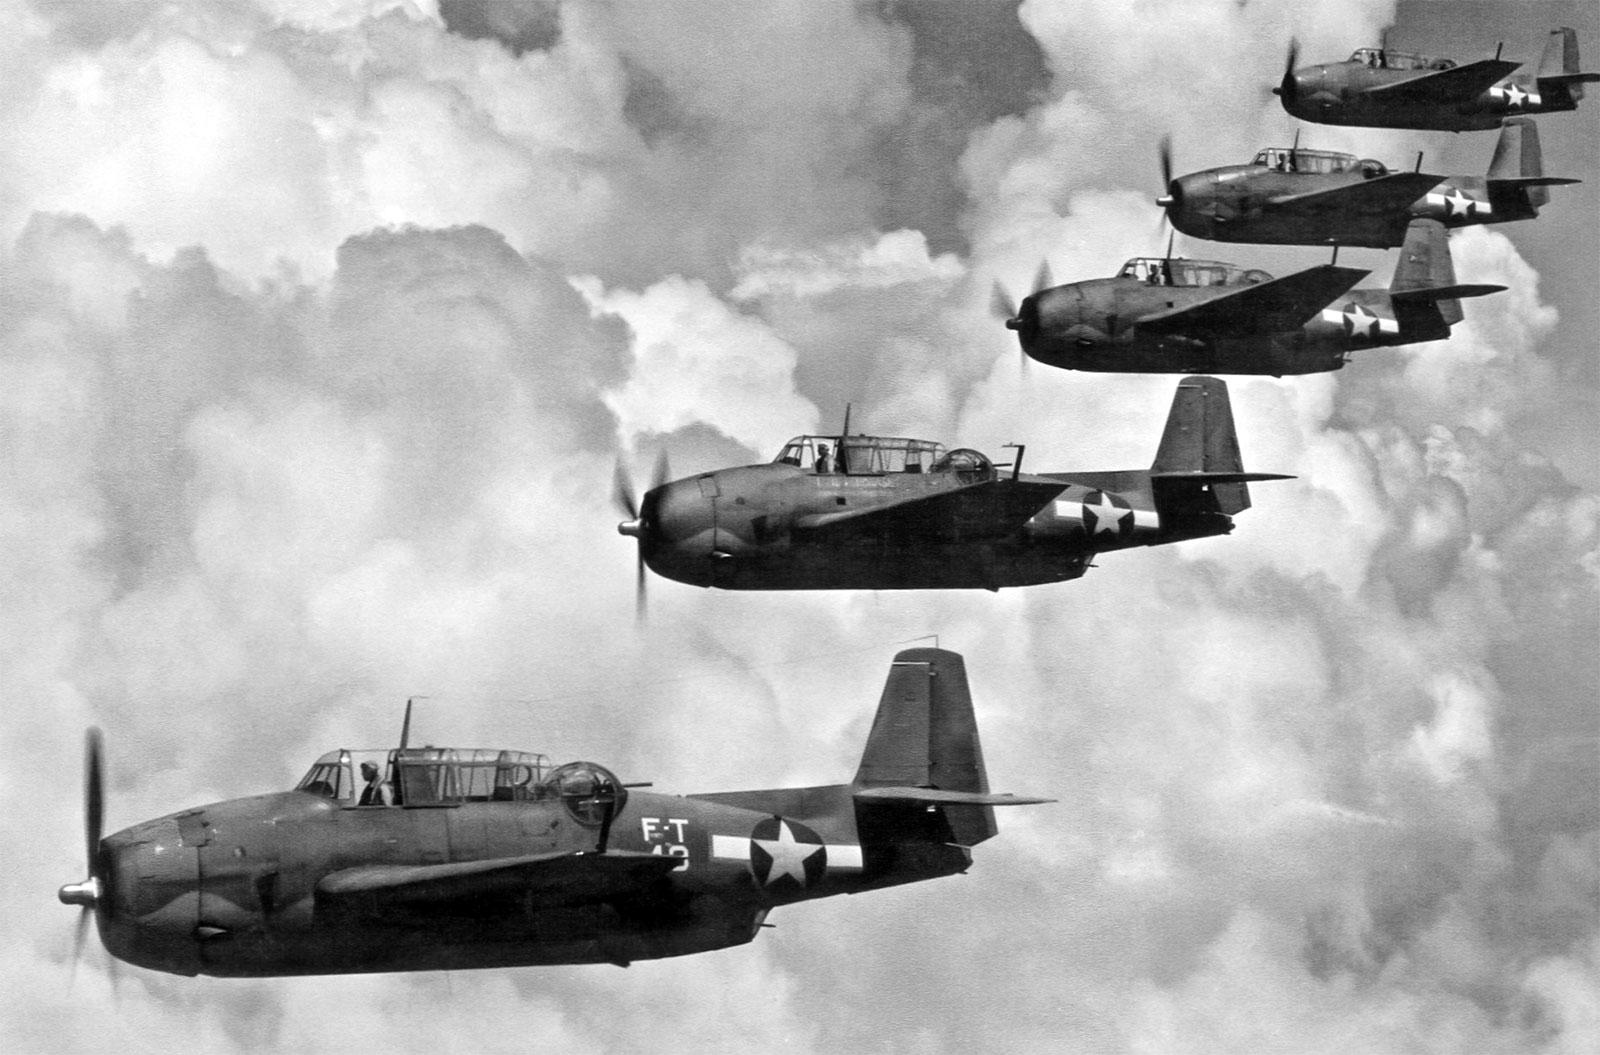 4 истории загадочных исчезновений самолетов и поездов